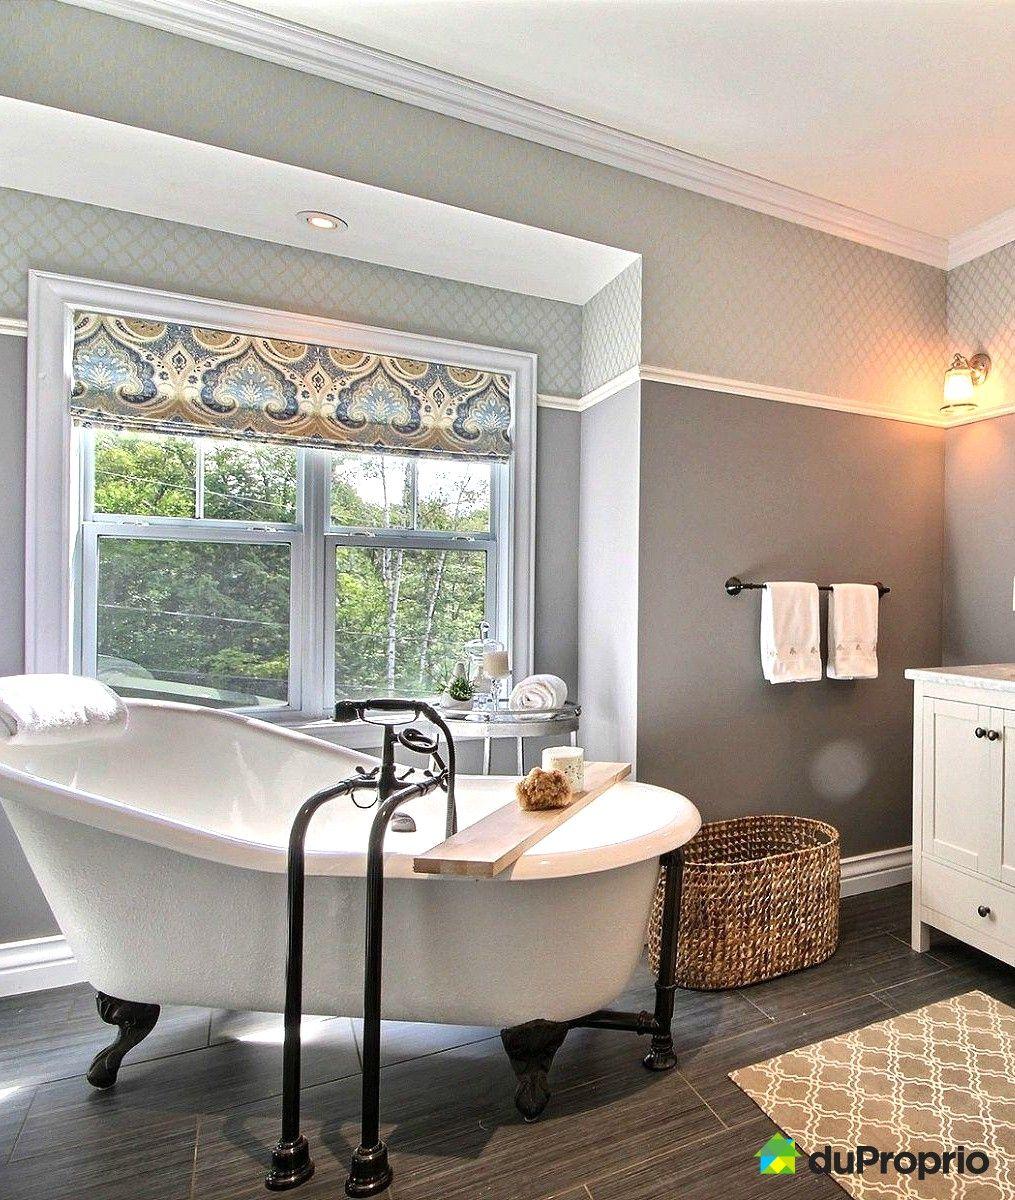 Belle salle de bain de style champ tre avec une magnifique bain sur pattes salles de bain in - Une belle salle de bain ...